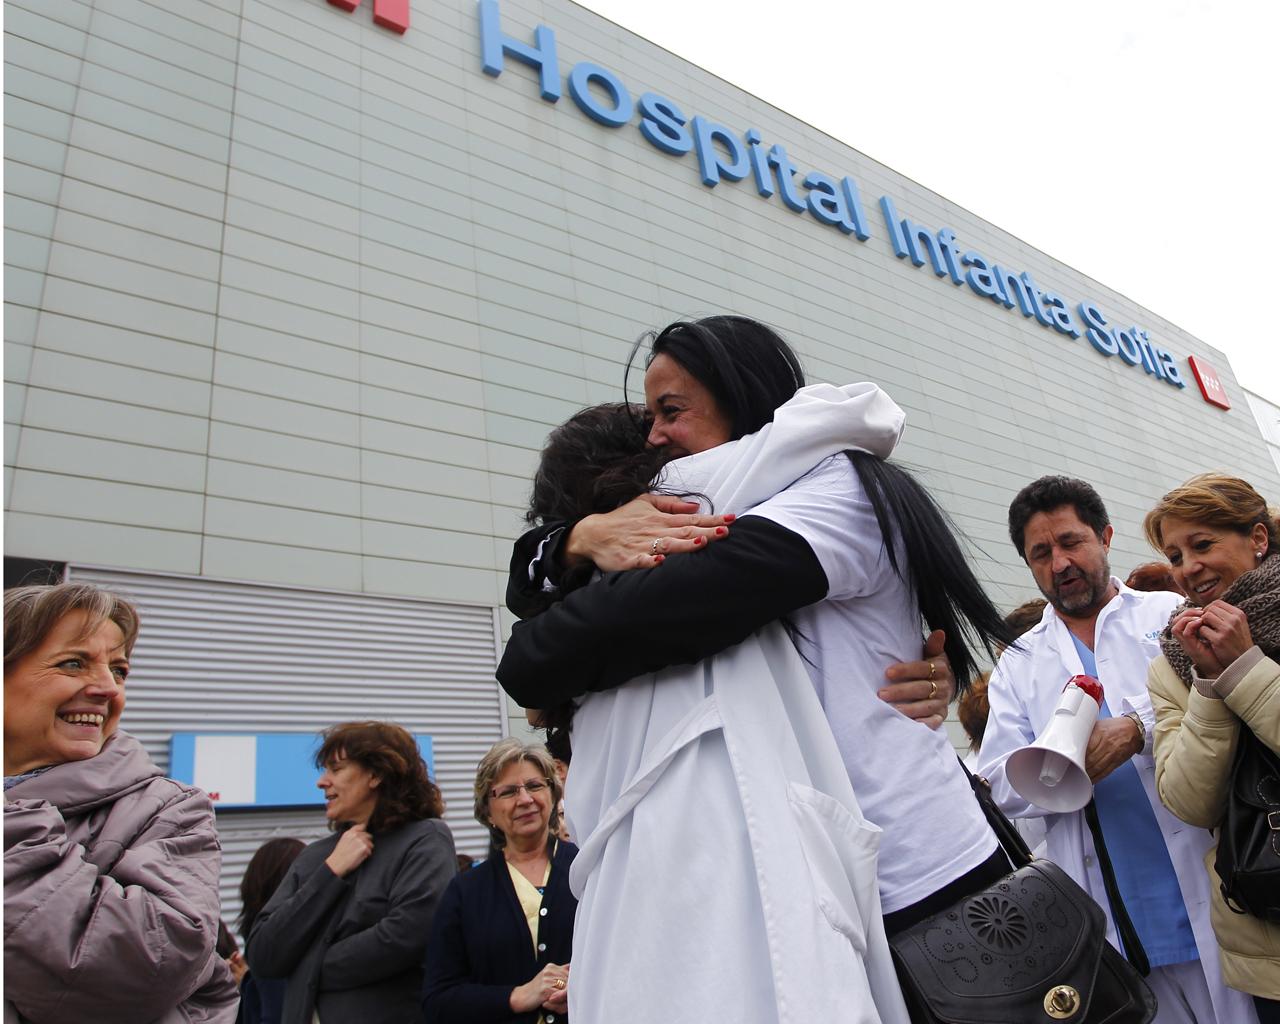 Celebración de personal sanitario tras la paralización de la privatización sanitaria en Madrid.